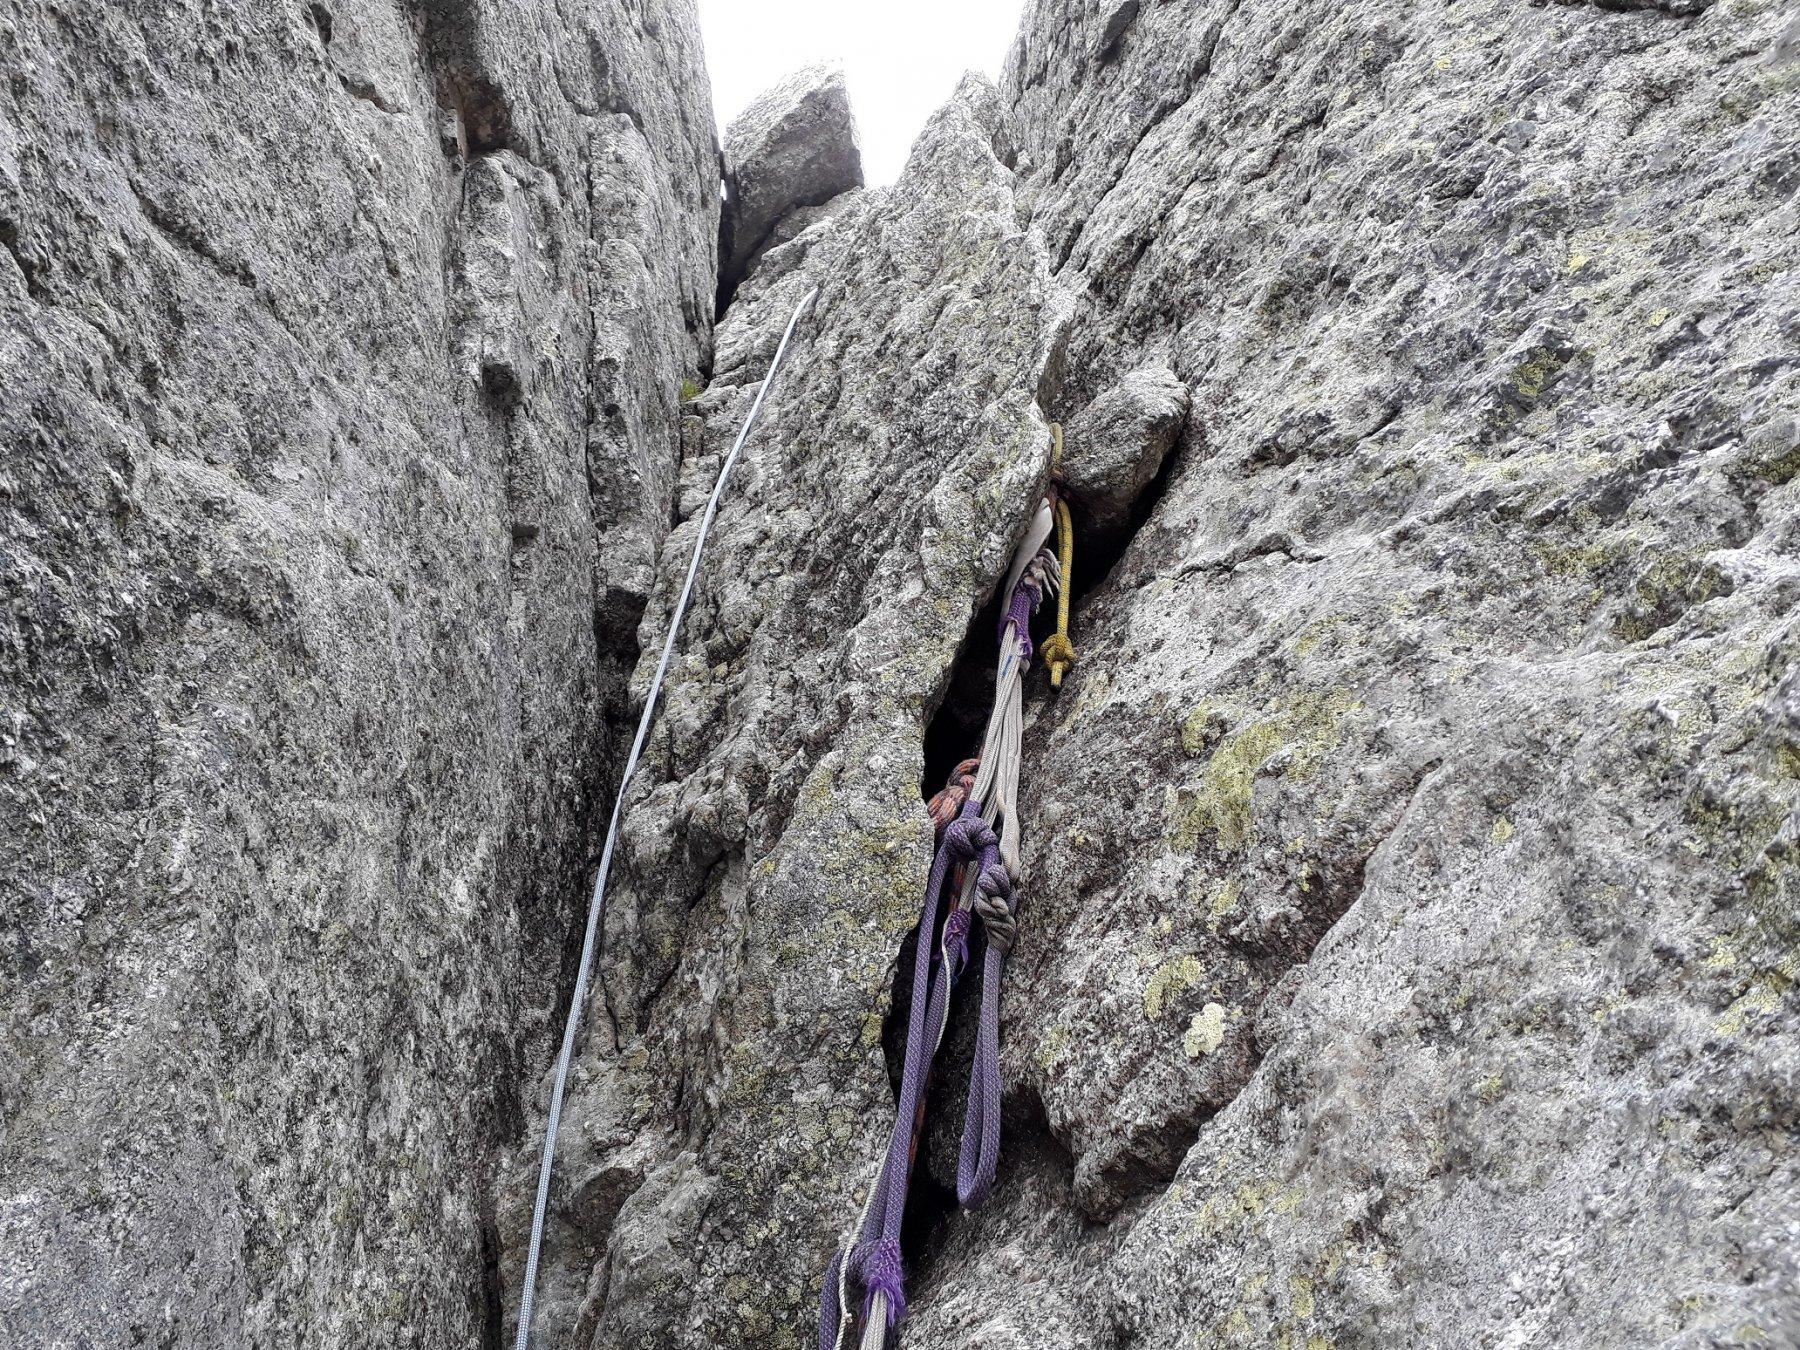 Il caminetto con corda fissa appena sotto la croce Castelli - Piatti